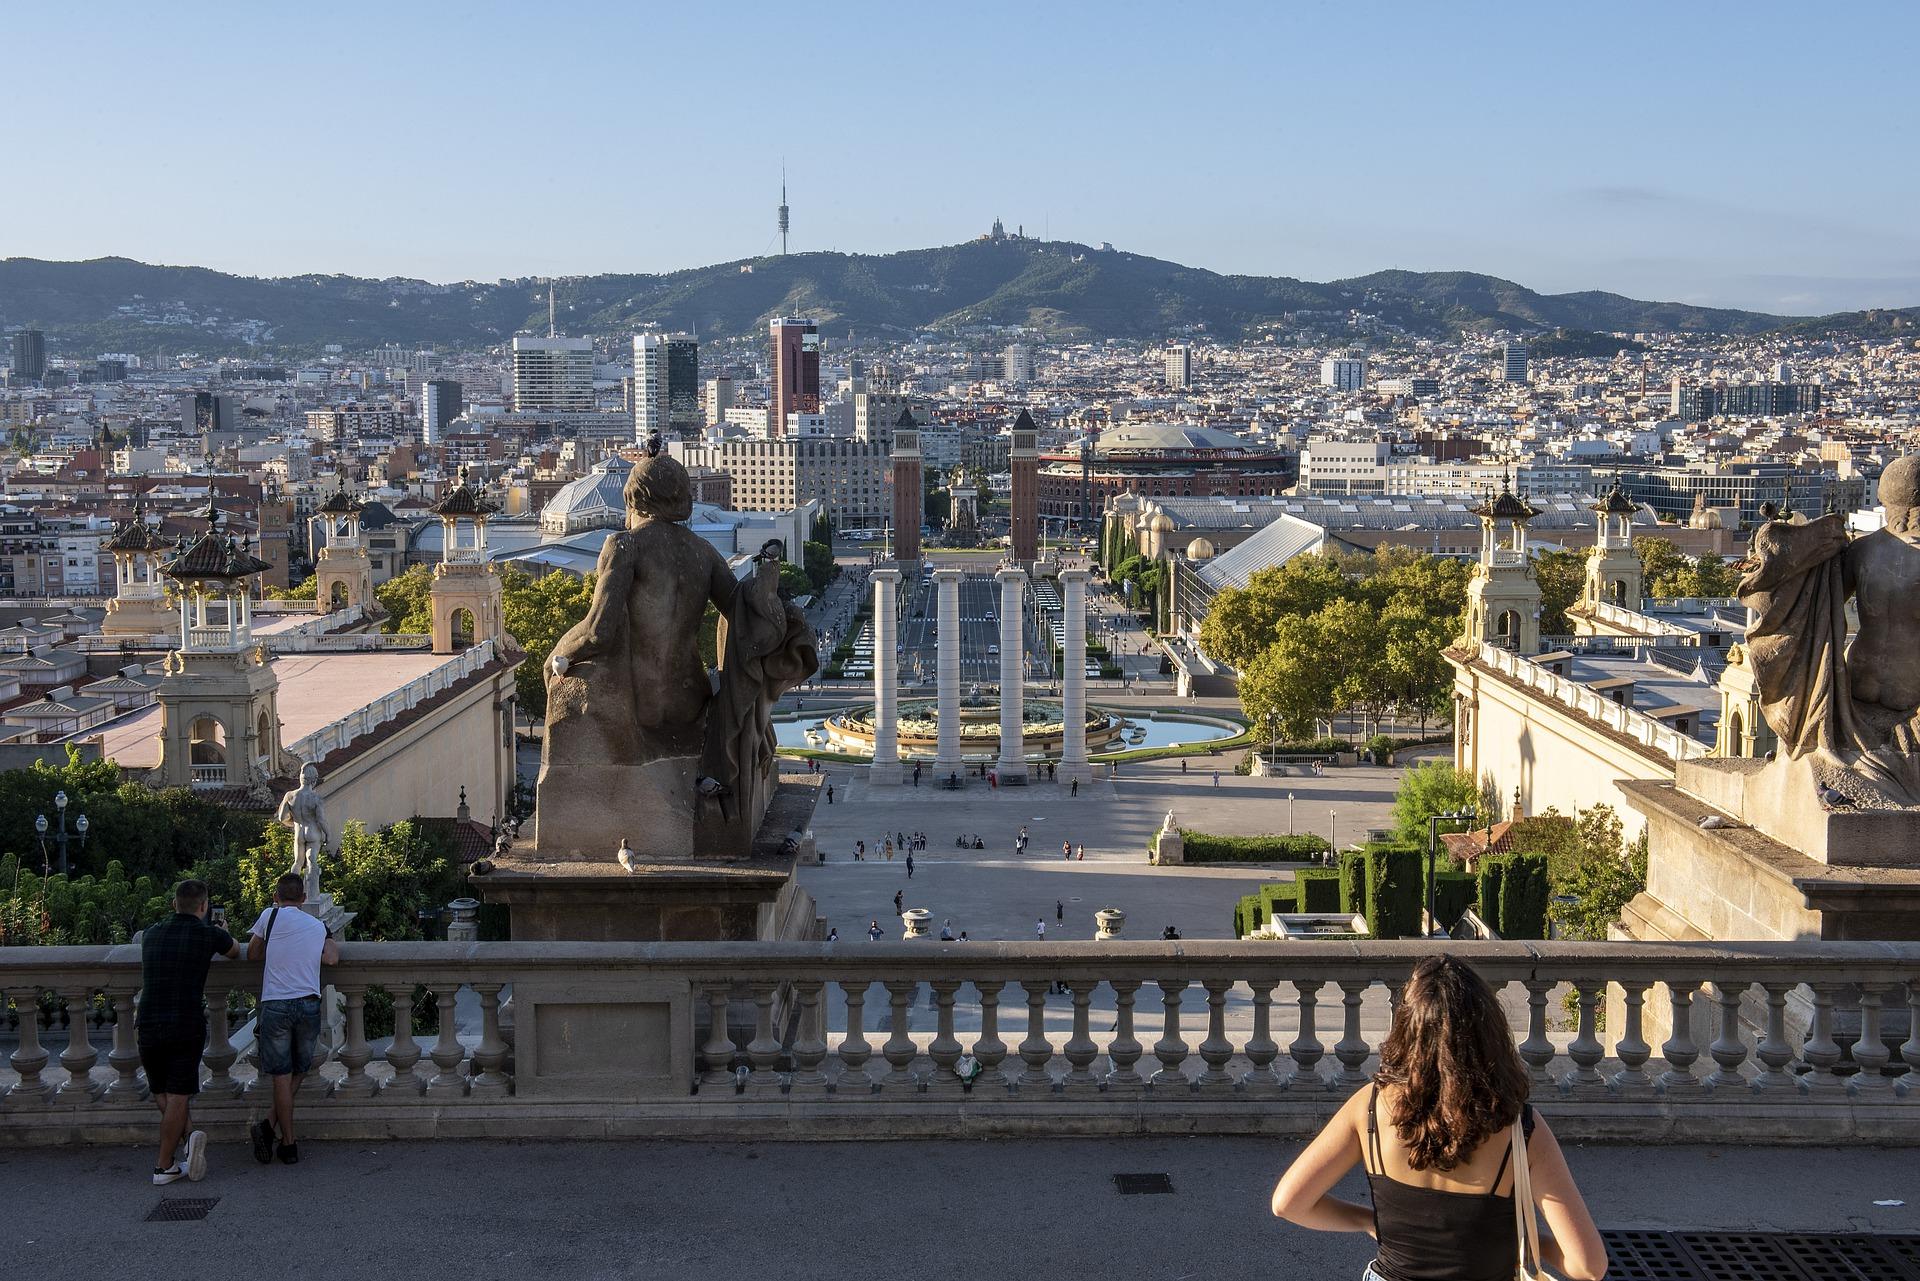 ארכיטקטורה ספרדית- תצפית בספרד